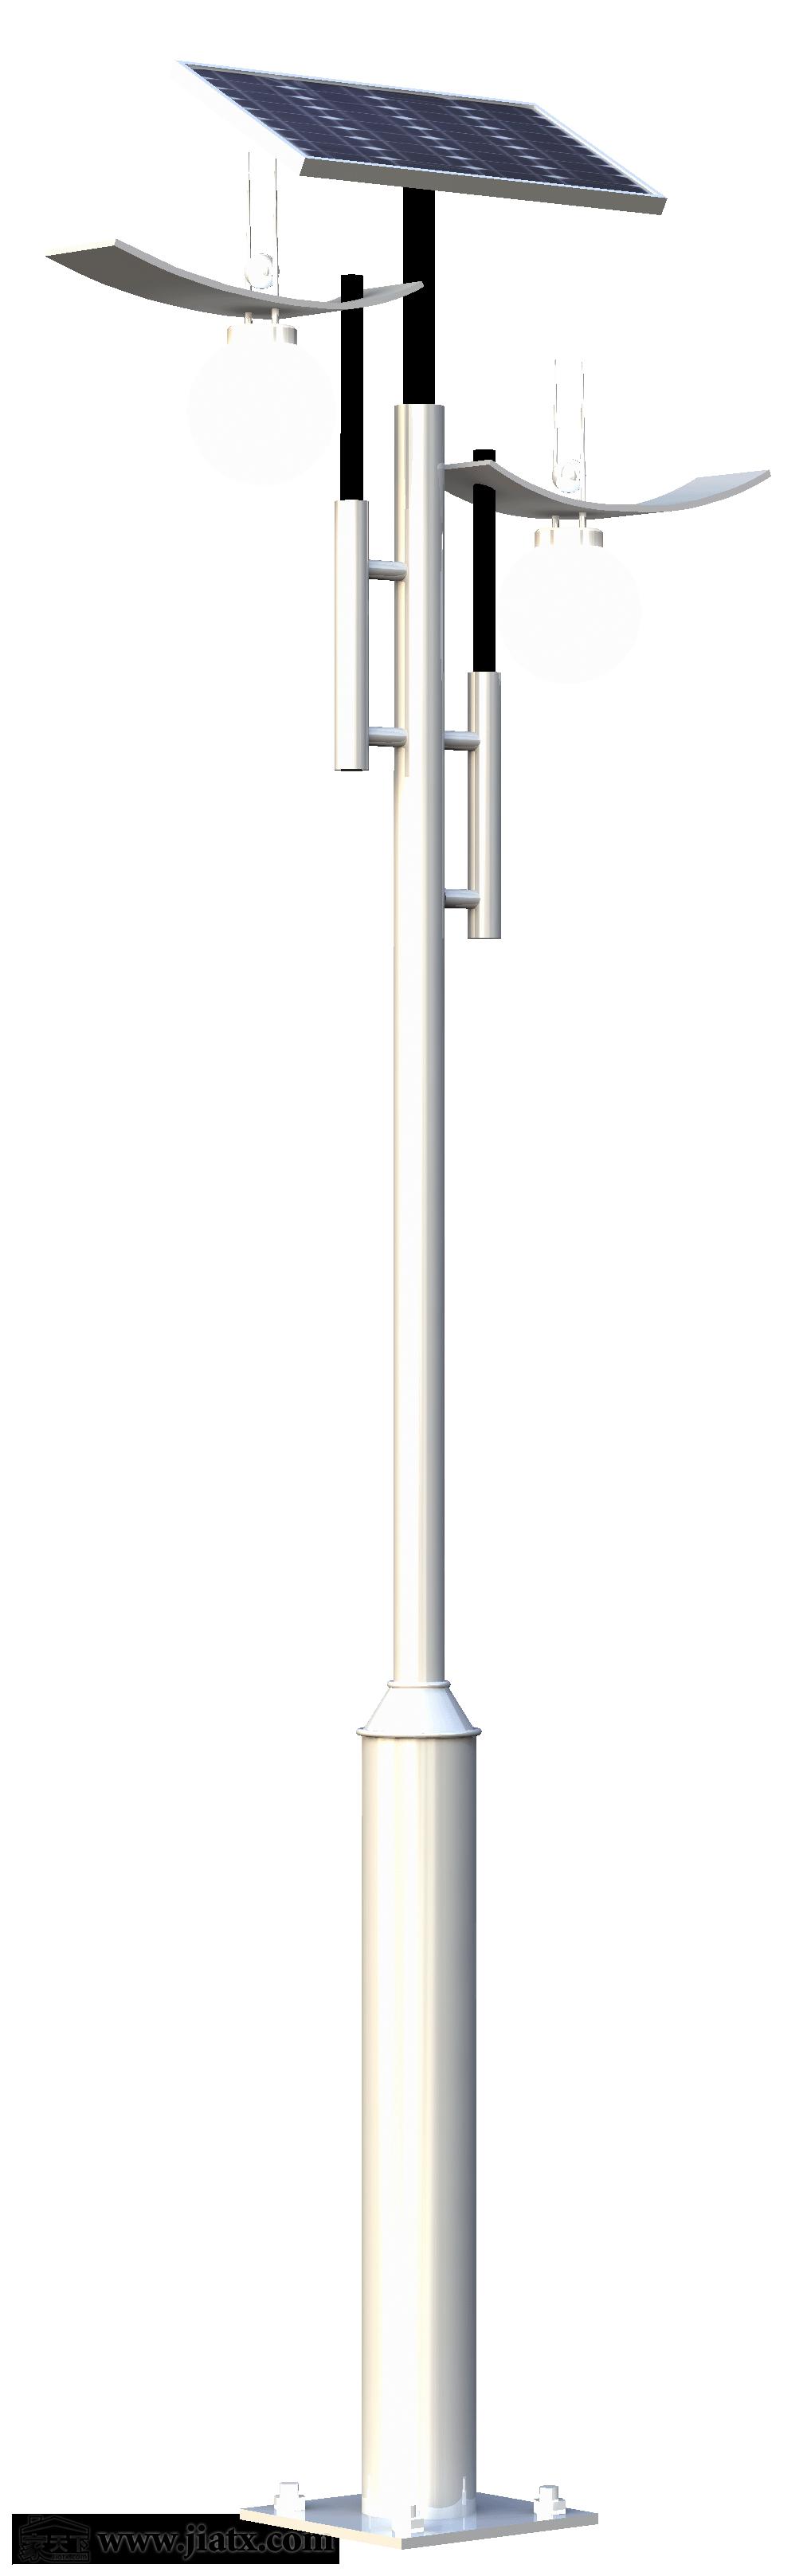 皇明太阳能庭院HZT-17